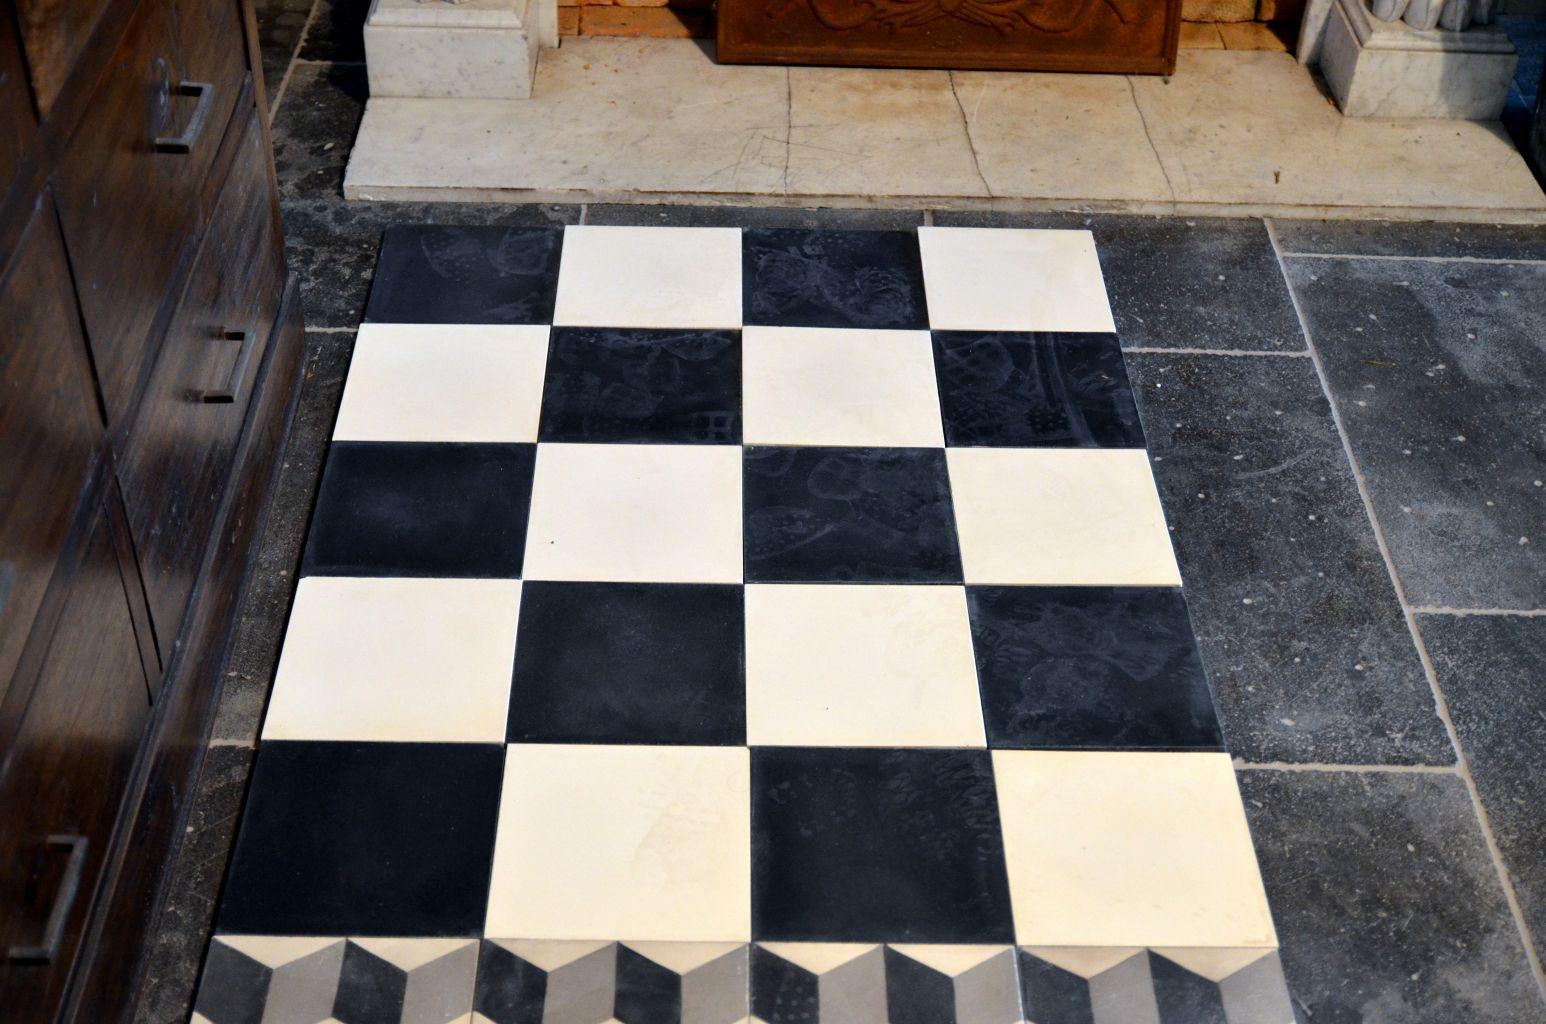 Damier noir et blanc - Carreaux de ciment ancien ...